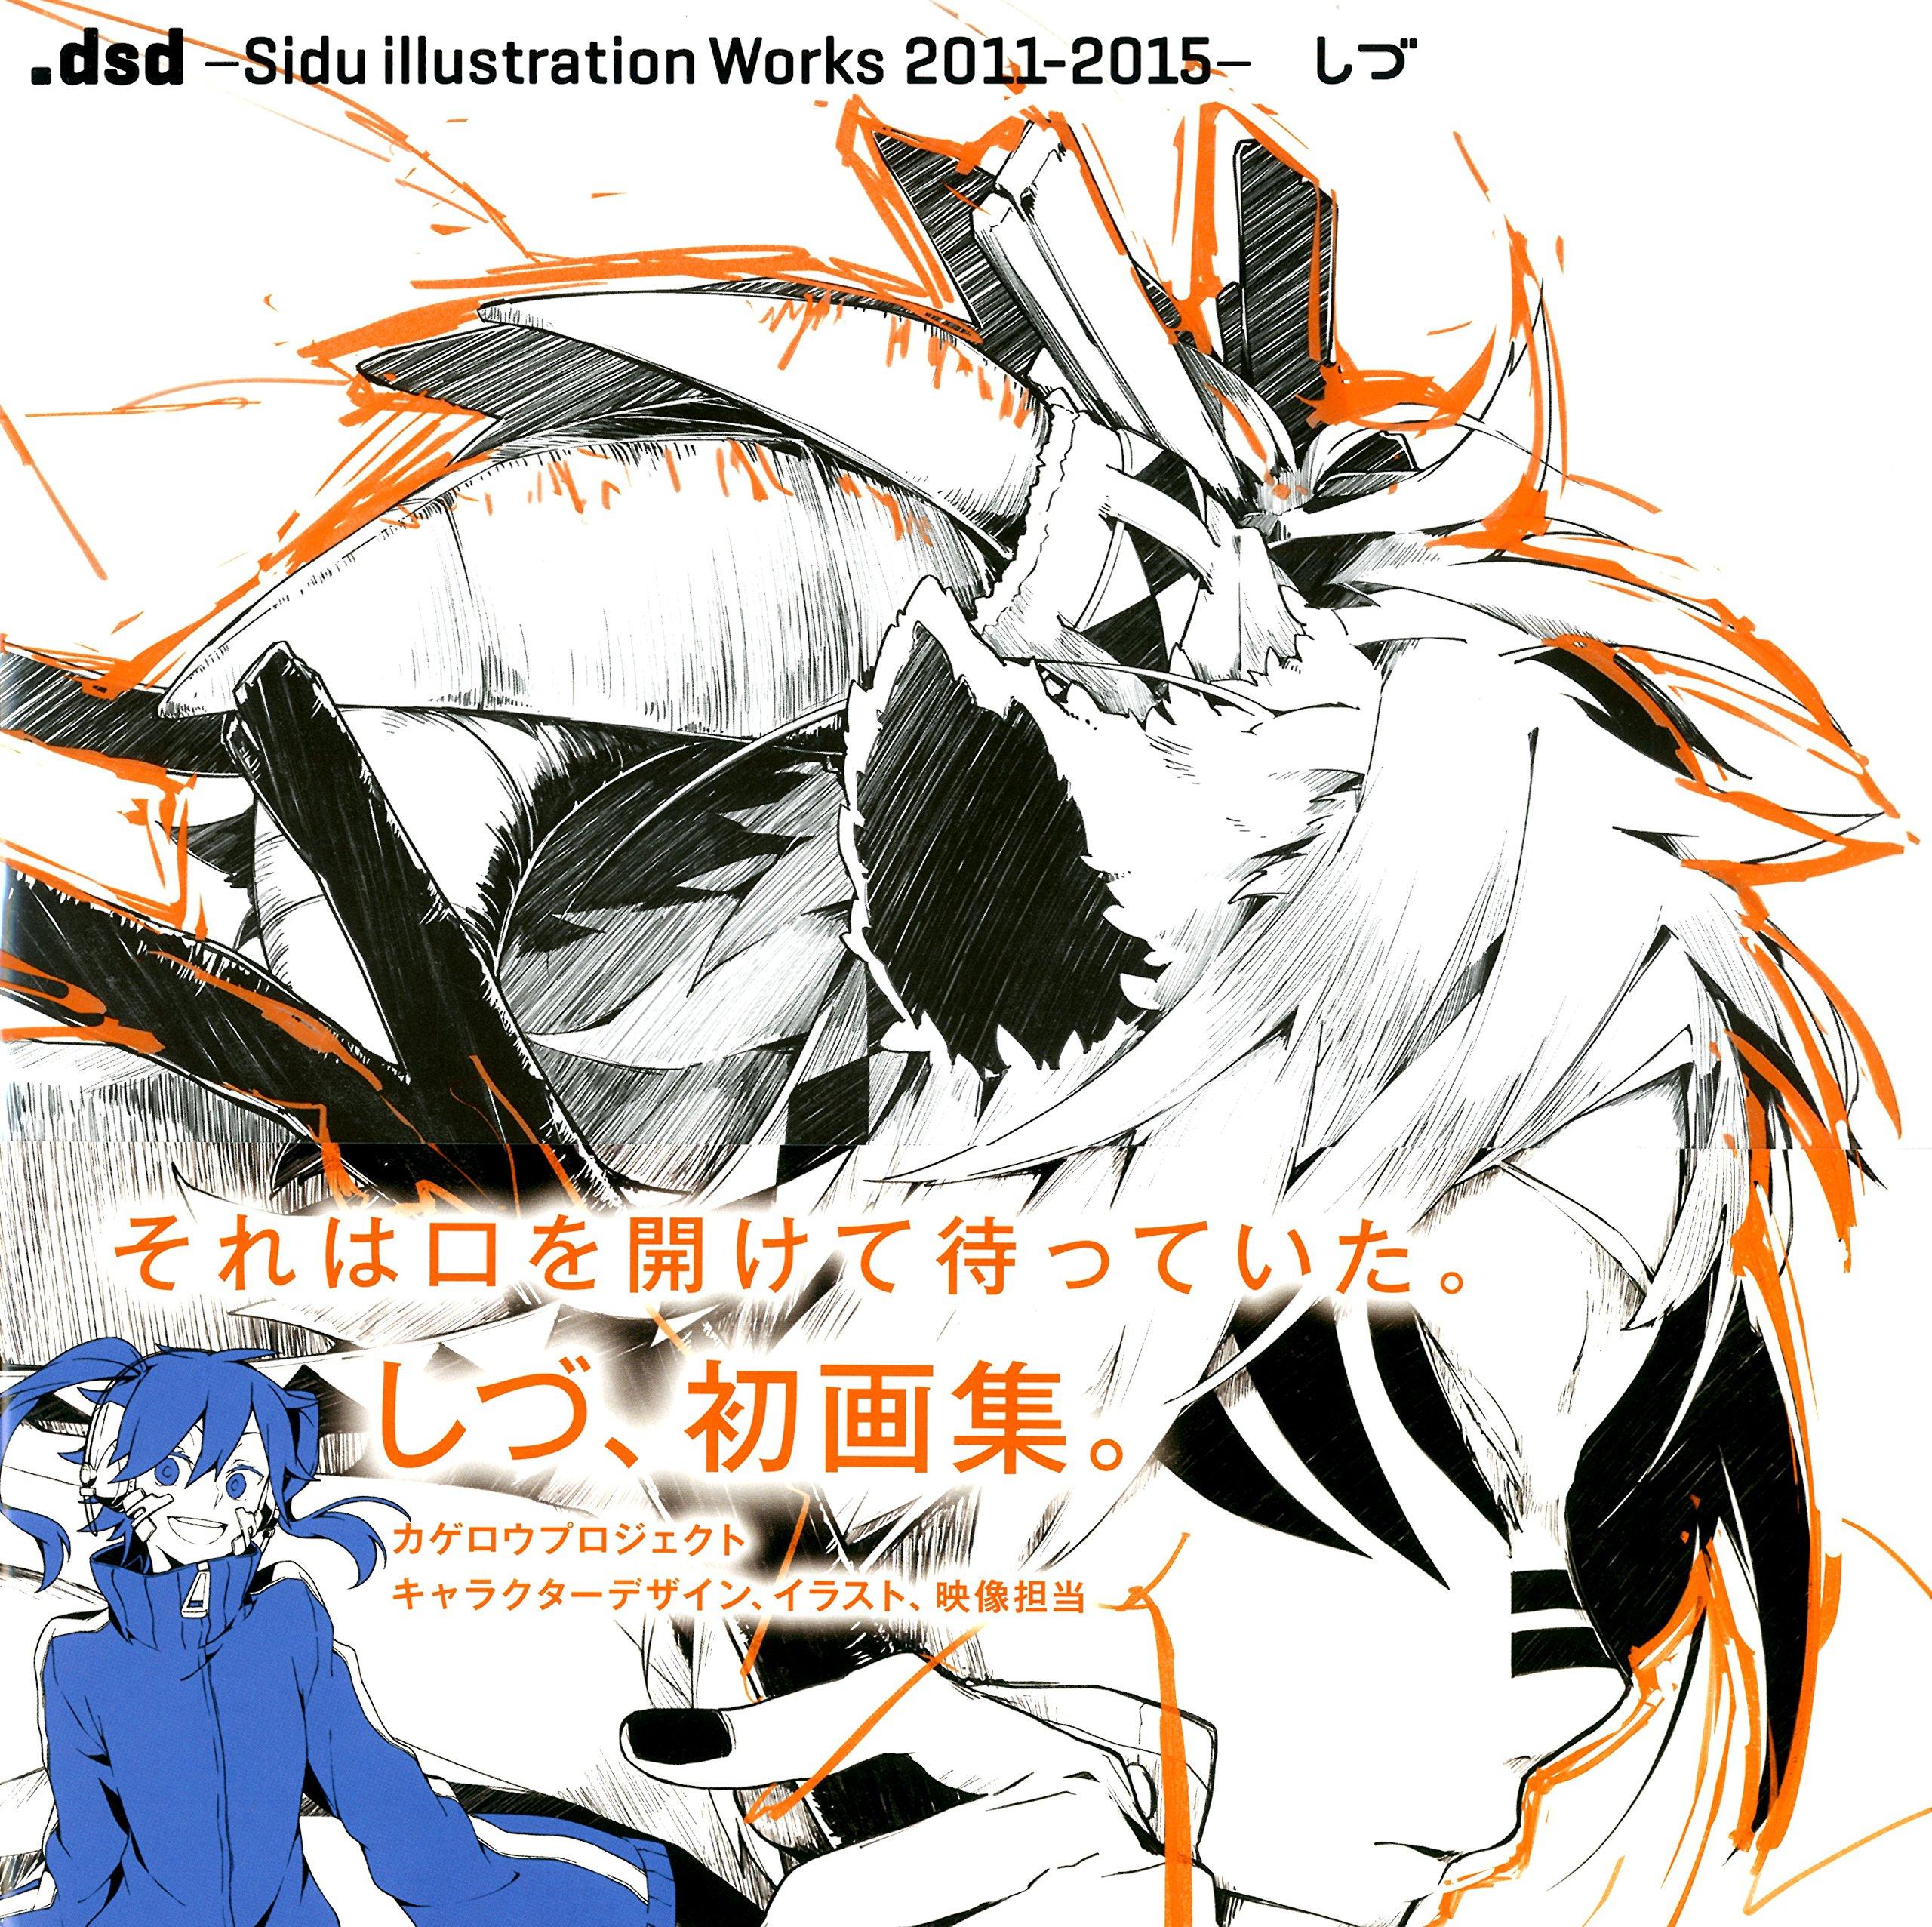 Dsd しづ イラストレーション ワークス 11 15 しづ 本 通販 Amazon